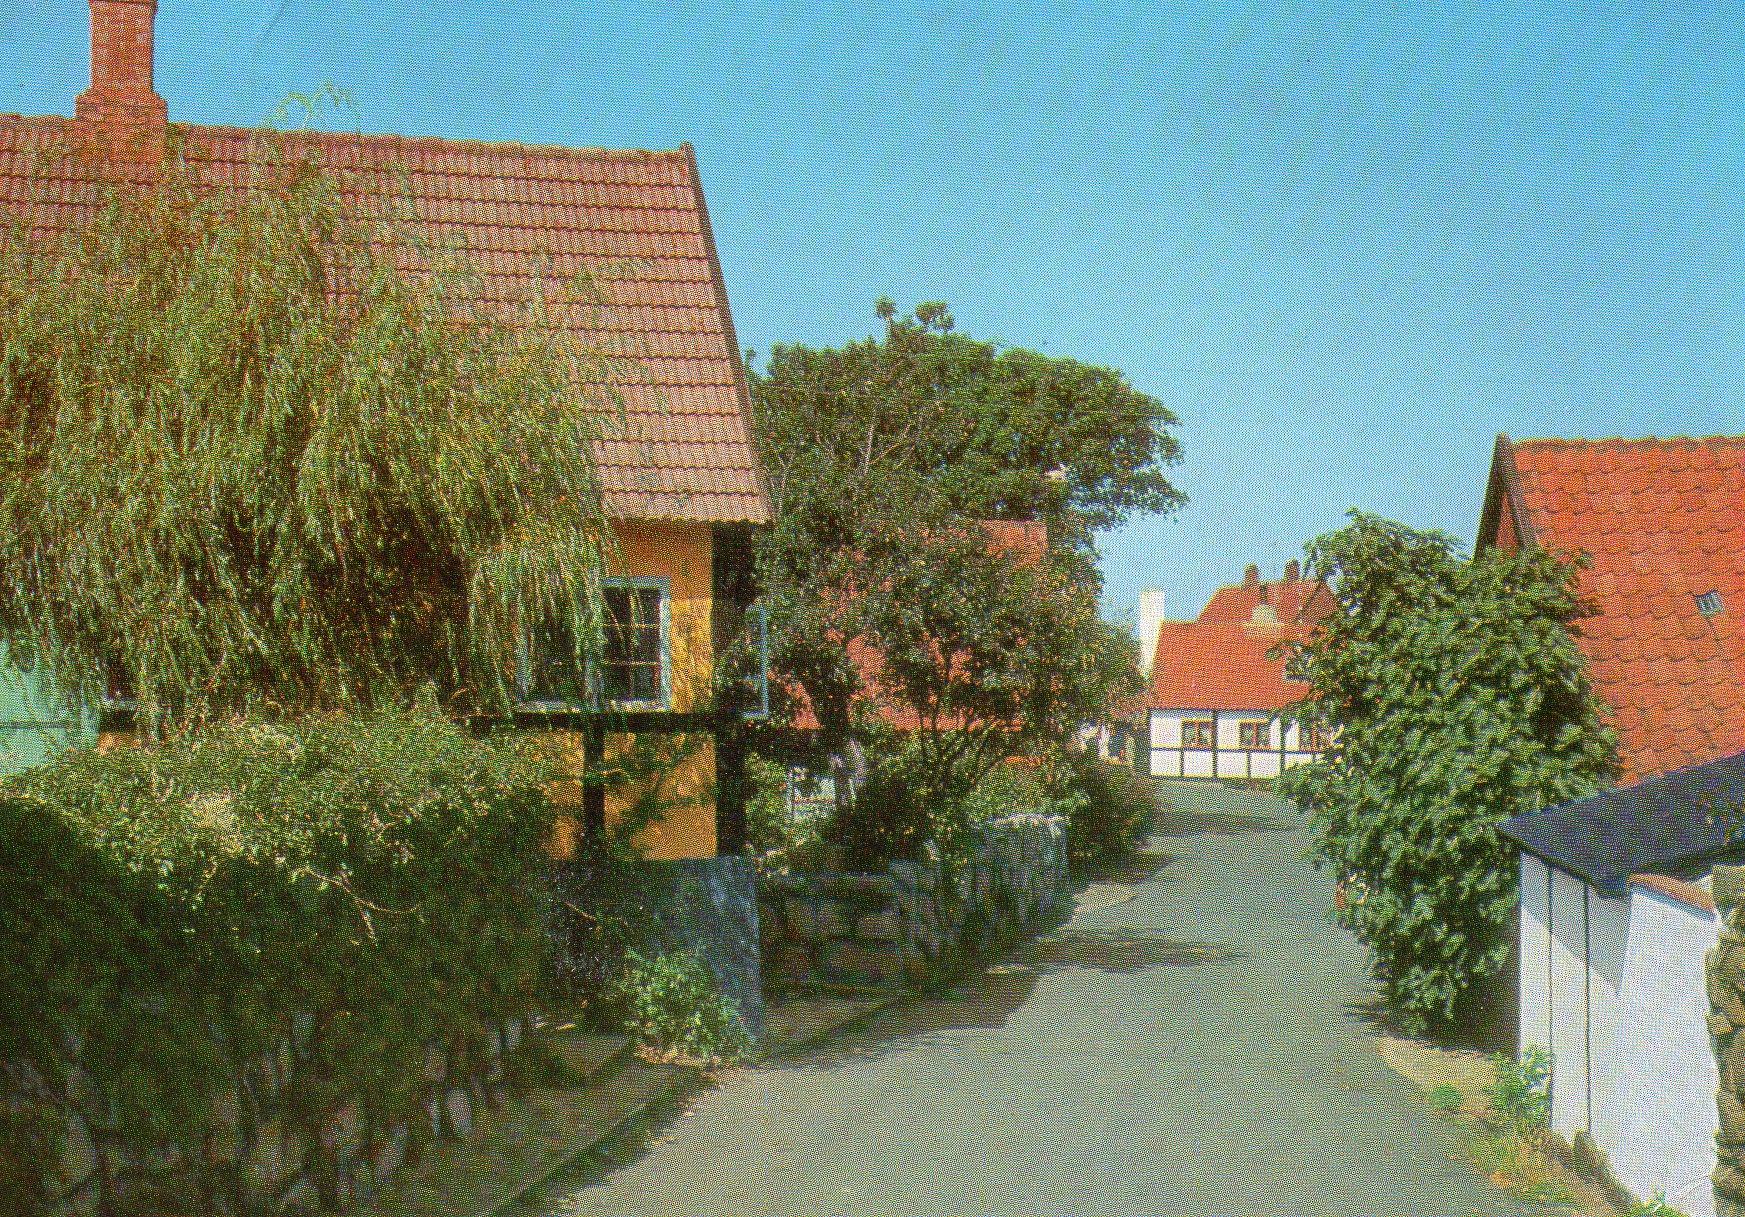 3760 Gudhjem, Nørregade